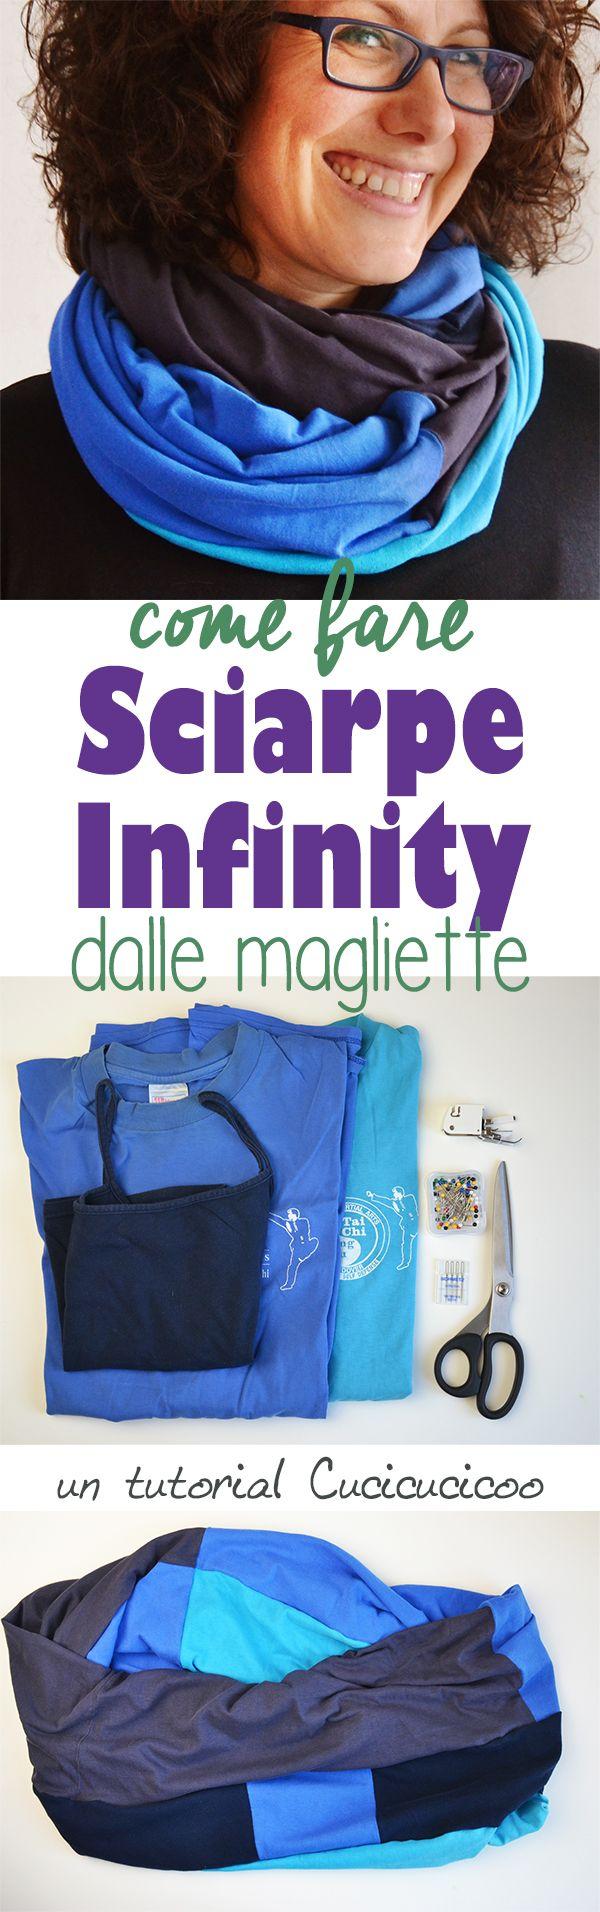 Crea un accessorio comodo dalle vecchie magliette, anche se strappate o macchiate! Questo refashion tutorial mostra come tagliare le magliette e ricomporle per fare una sciarpa infinity colorata ed unica! www.cucicucicoo.com